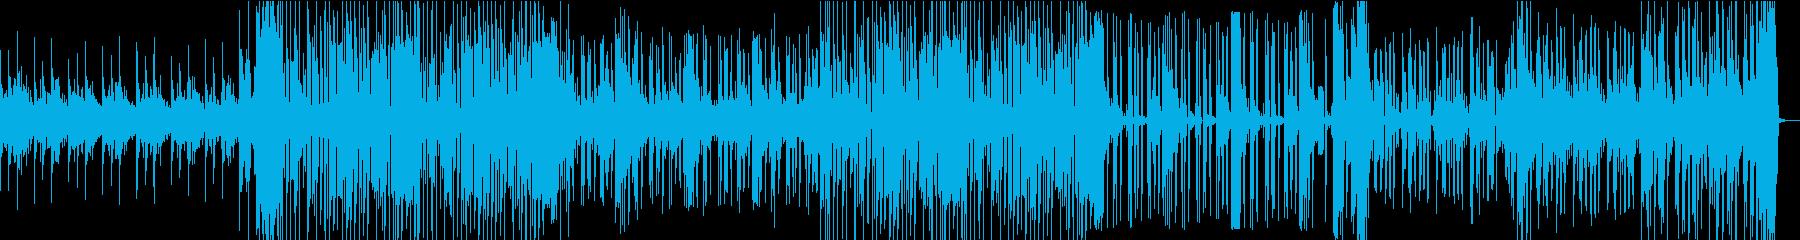 宇宙的なスクラッチクラッシュビートの再生済みの波形